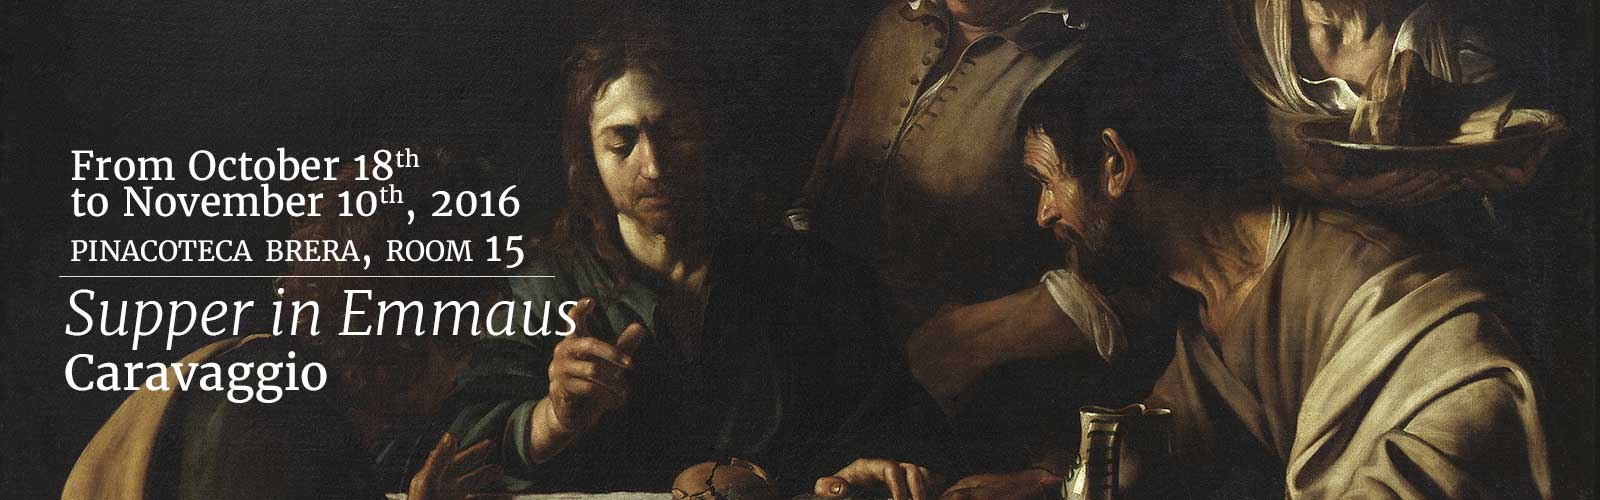 The third reinstallation of the Pinacoteca Brera